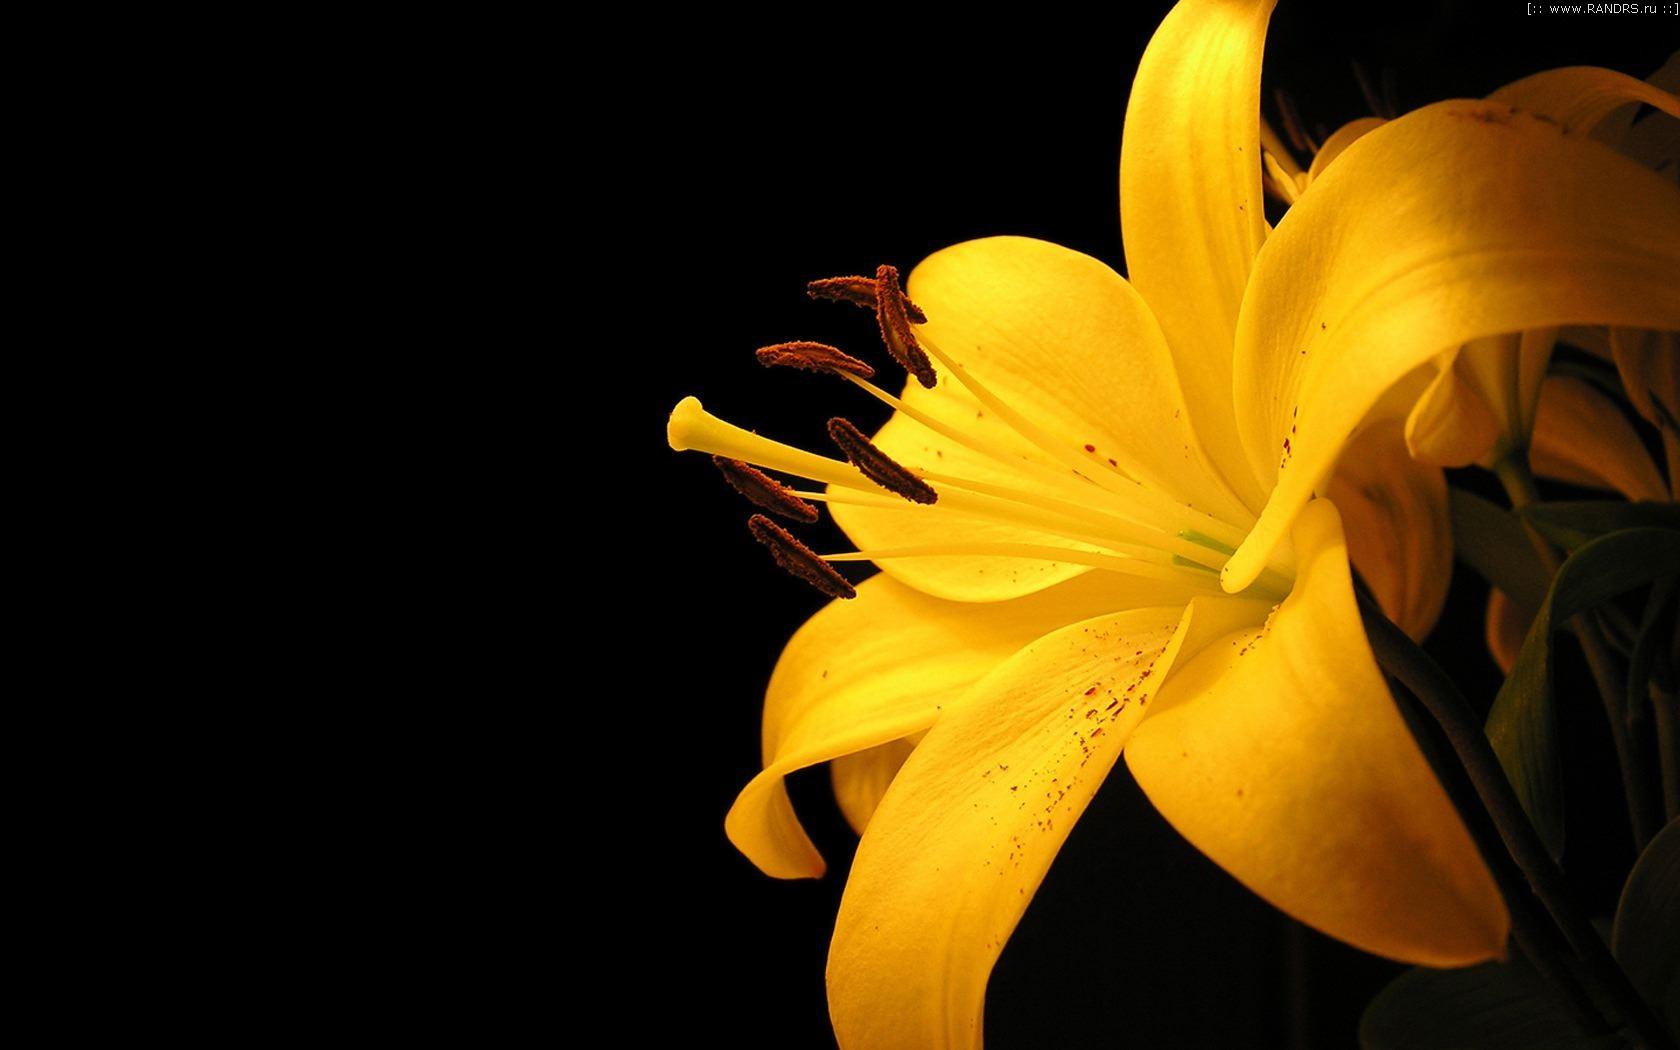 Картинки желтое на черном фоне